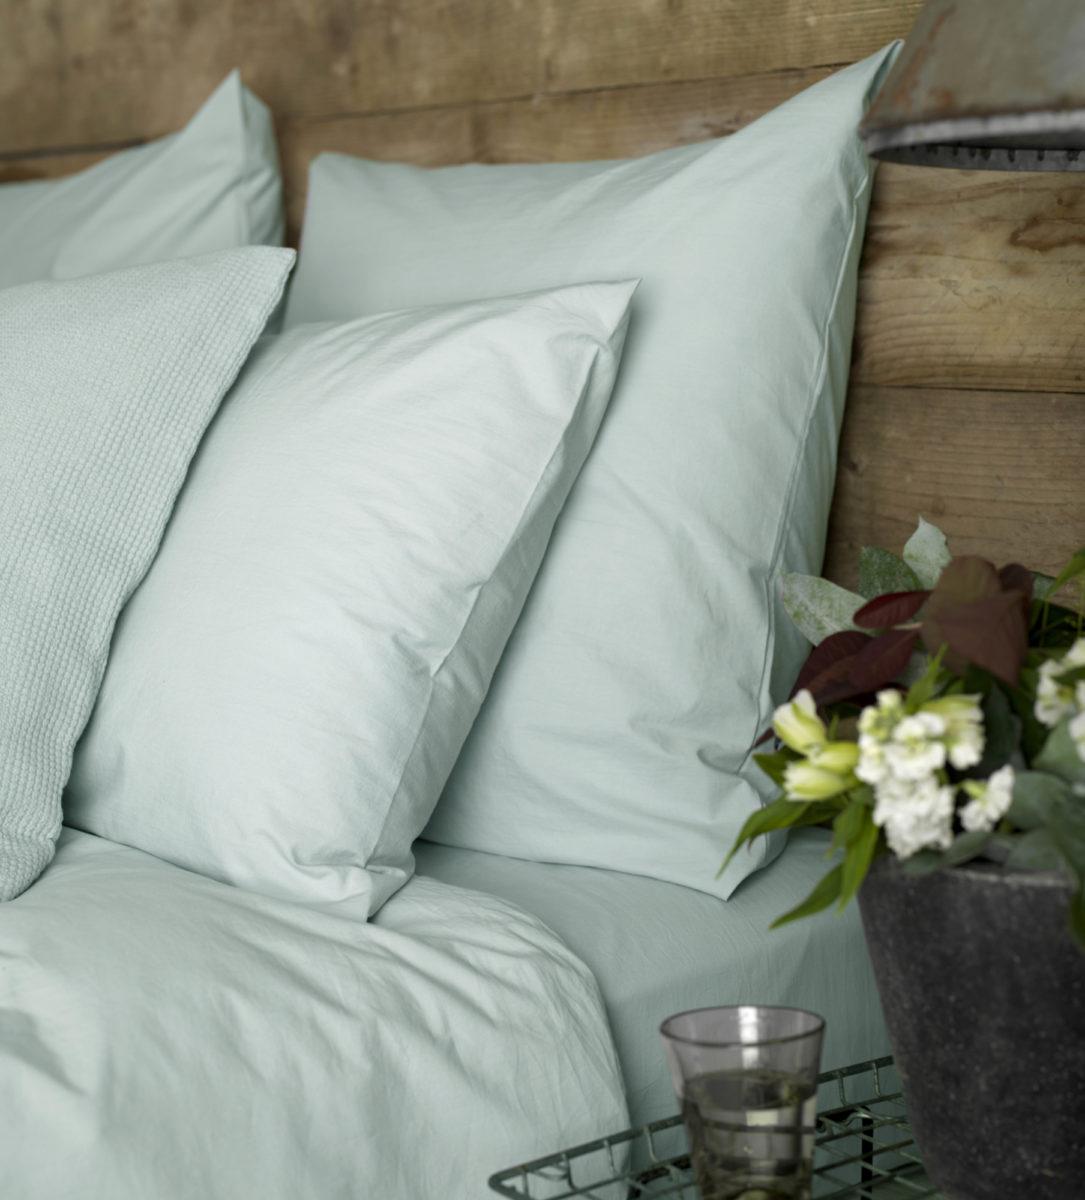 Duck Egg Cotton Percale Bed Linen Secret Linen Store